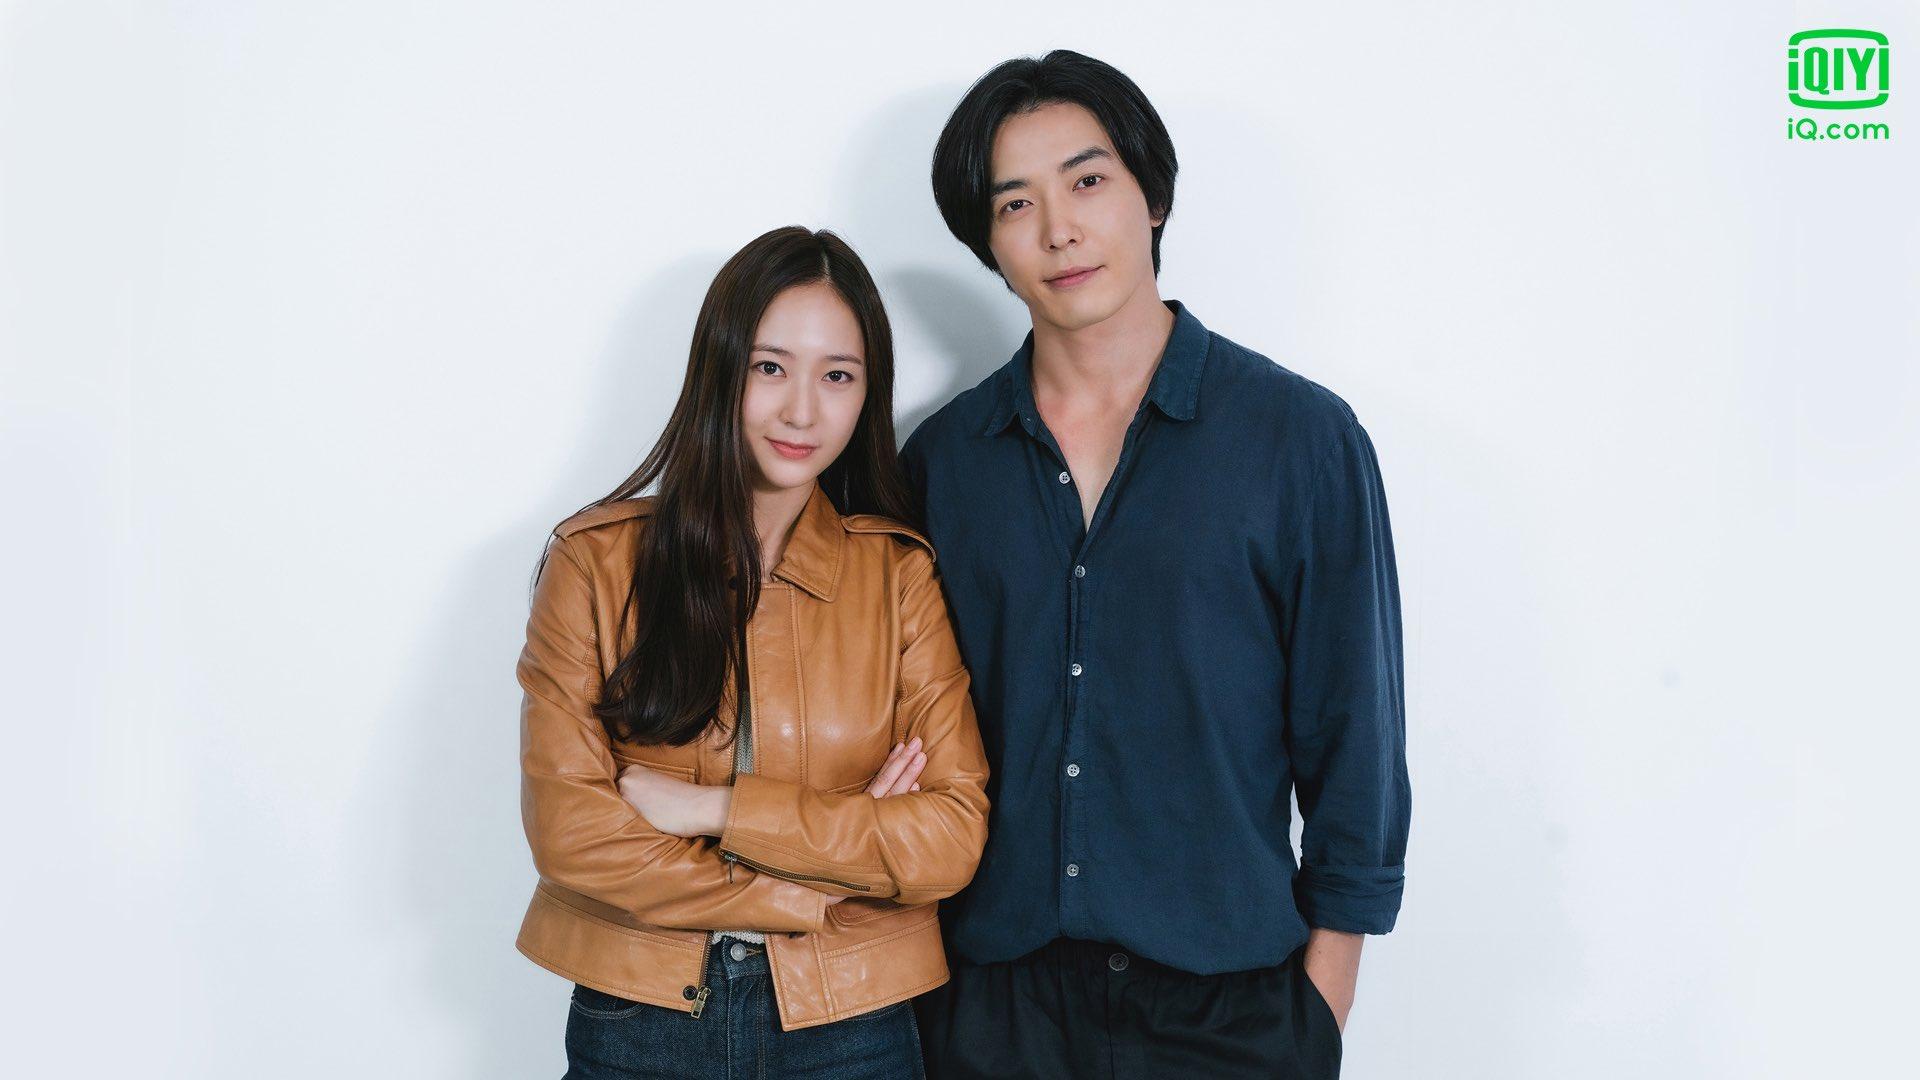 Kim Jae wook and Krystal